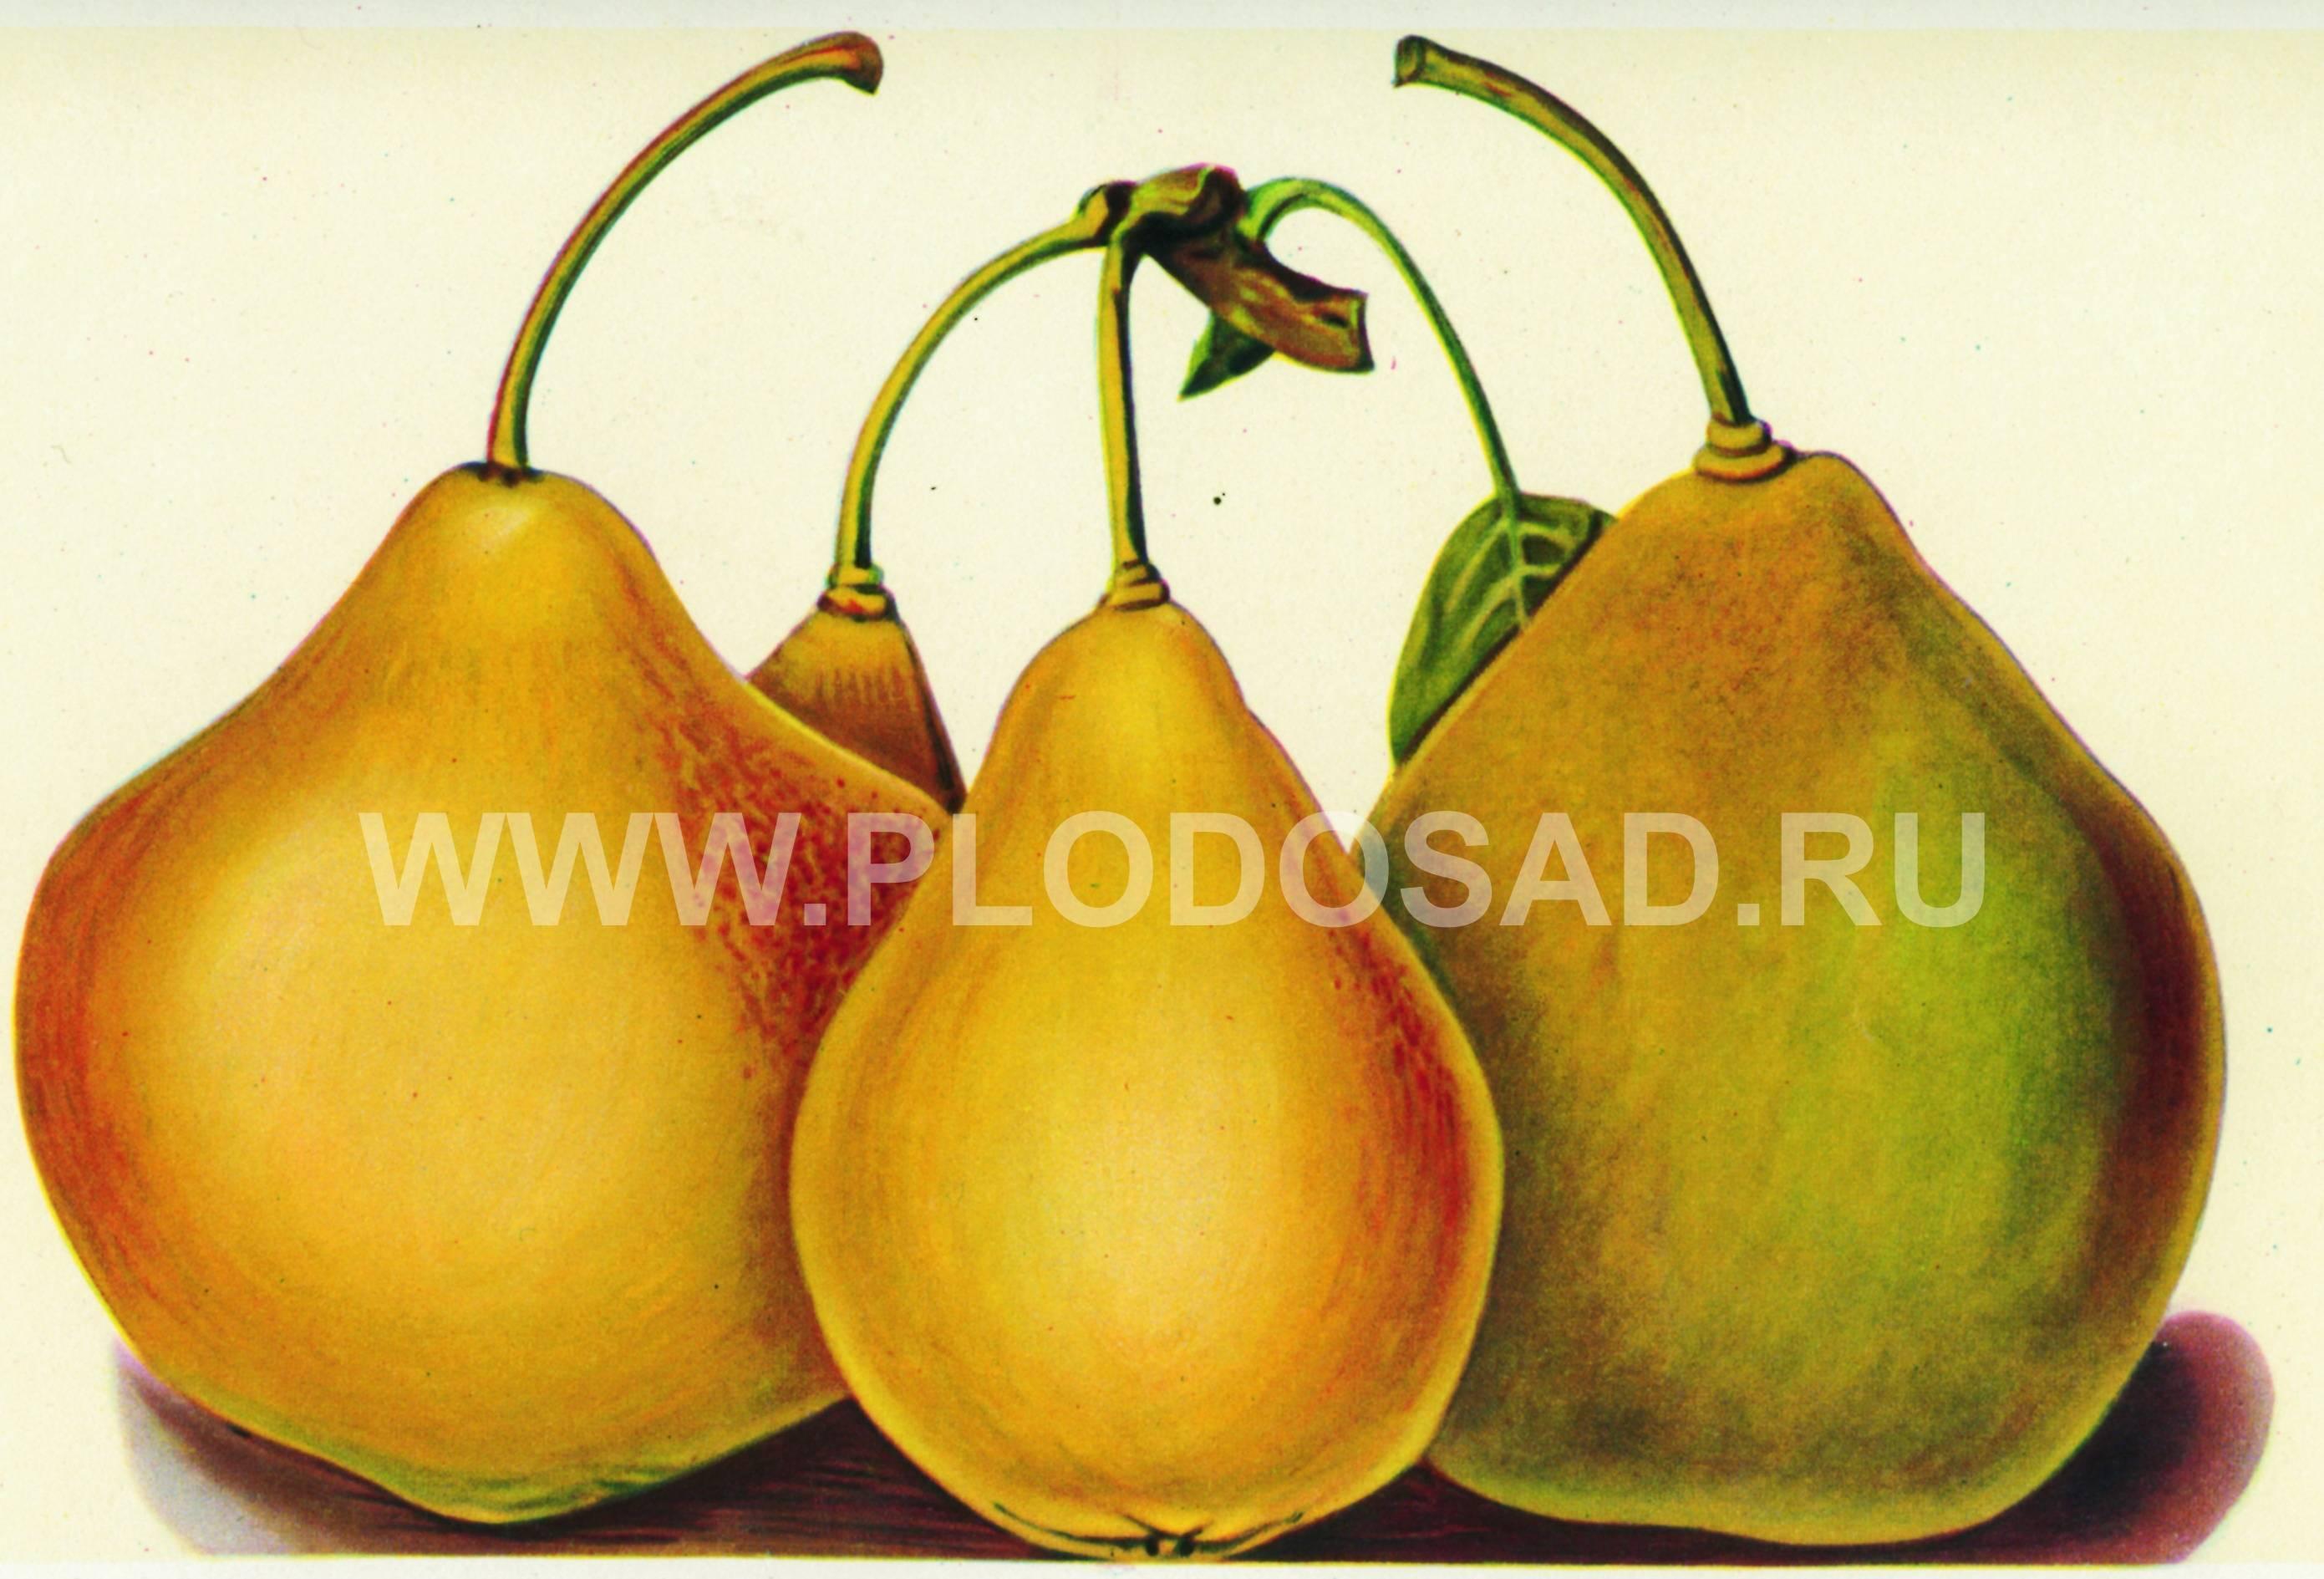 Поздние сорта груш: лучшие сорта для россии с описанием и фото